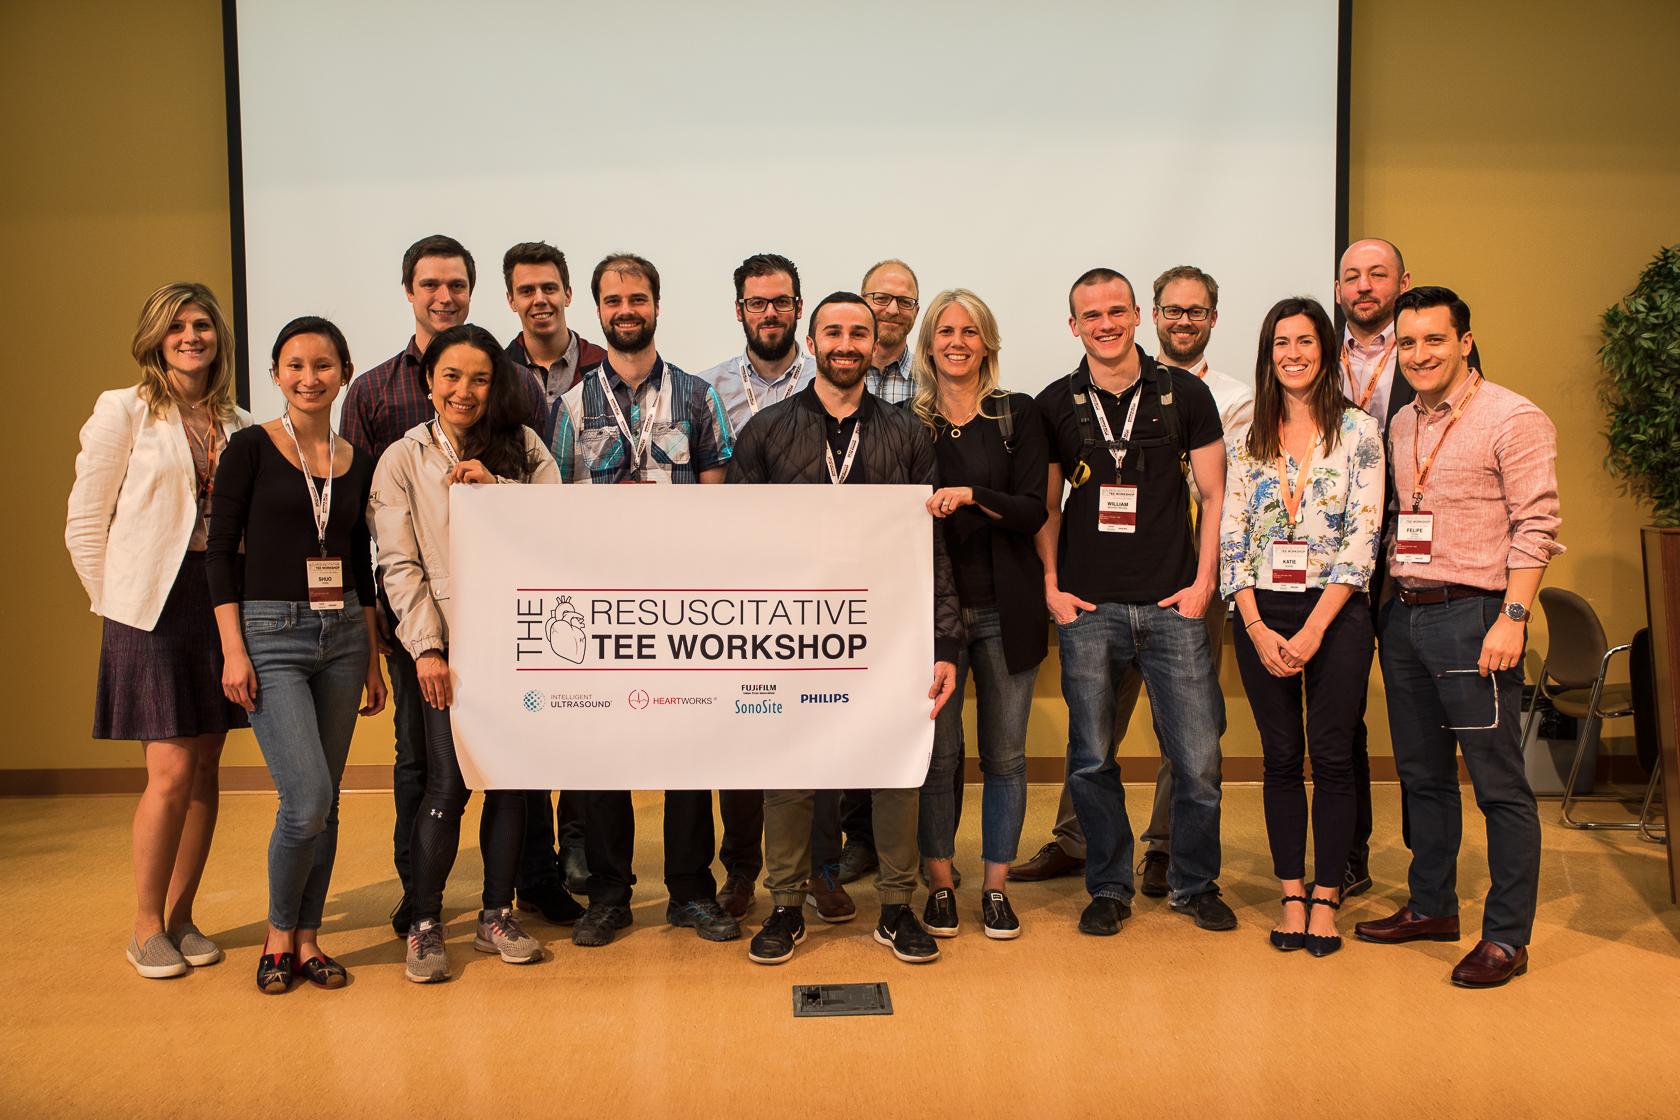 Resus_TEE_Workshop_Montreal_2019-63.jpg